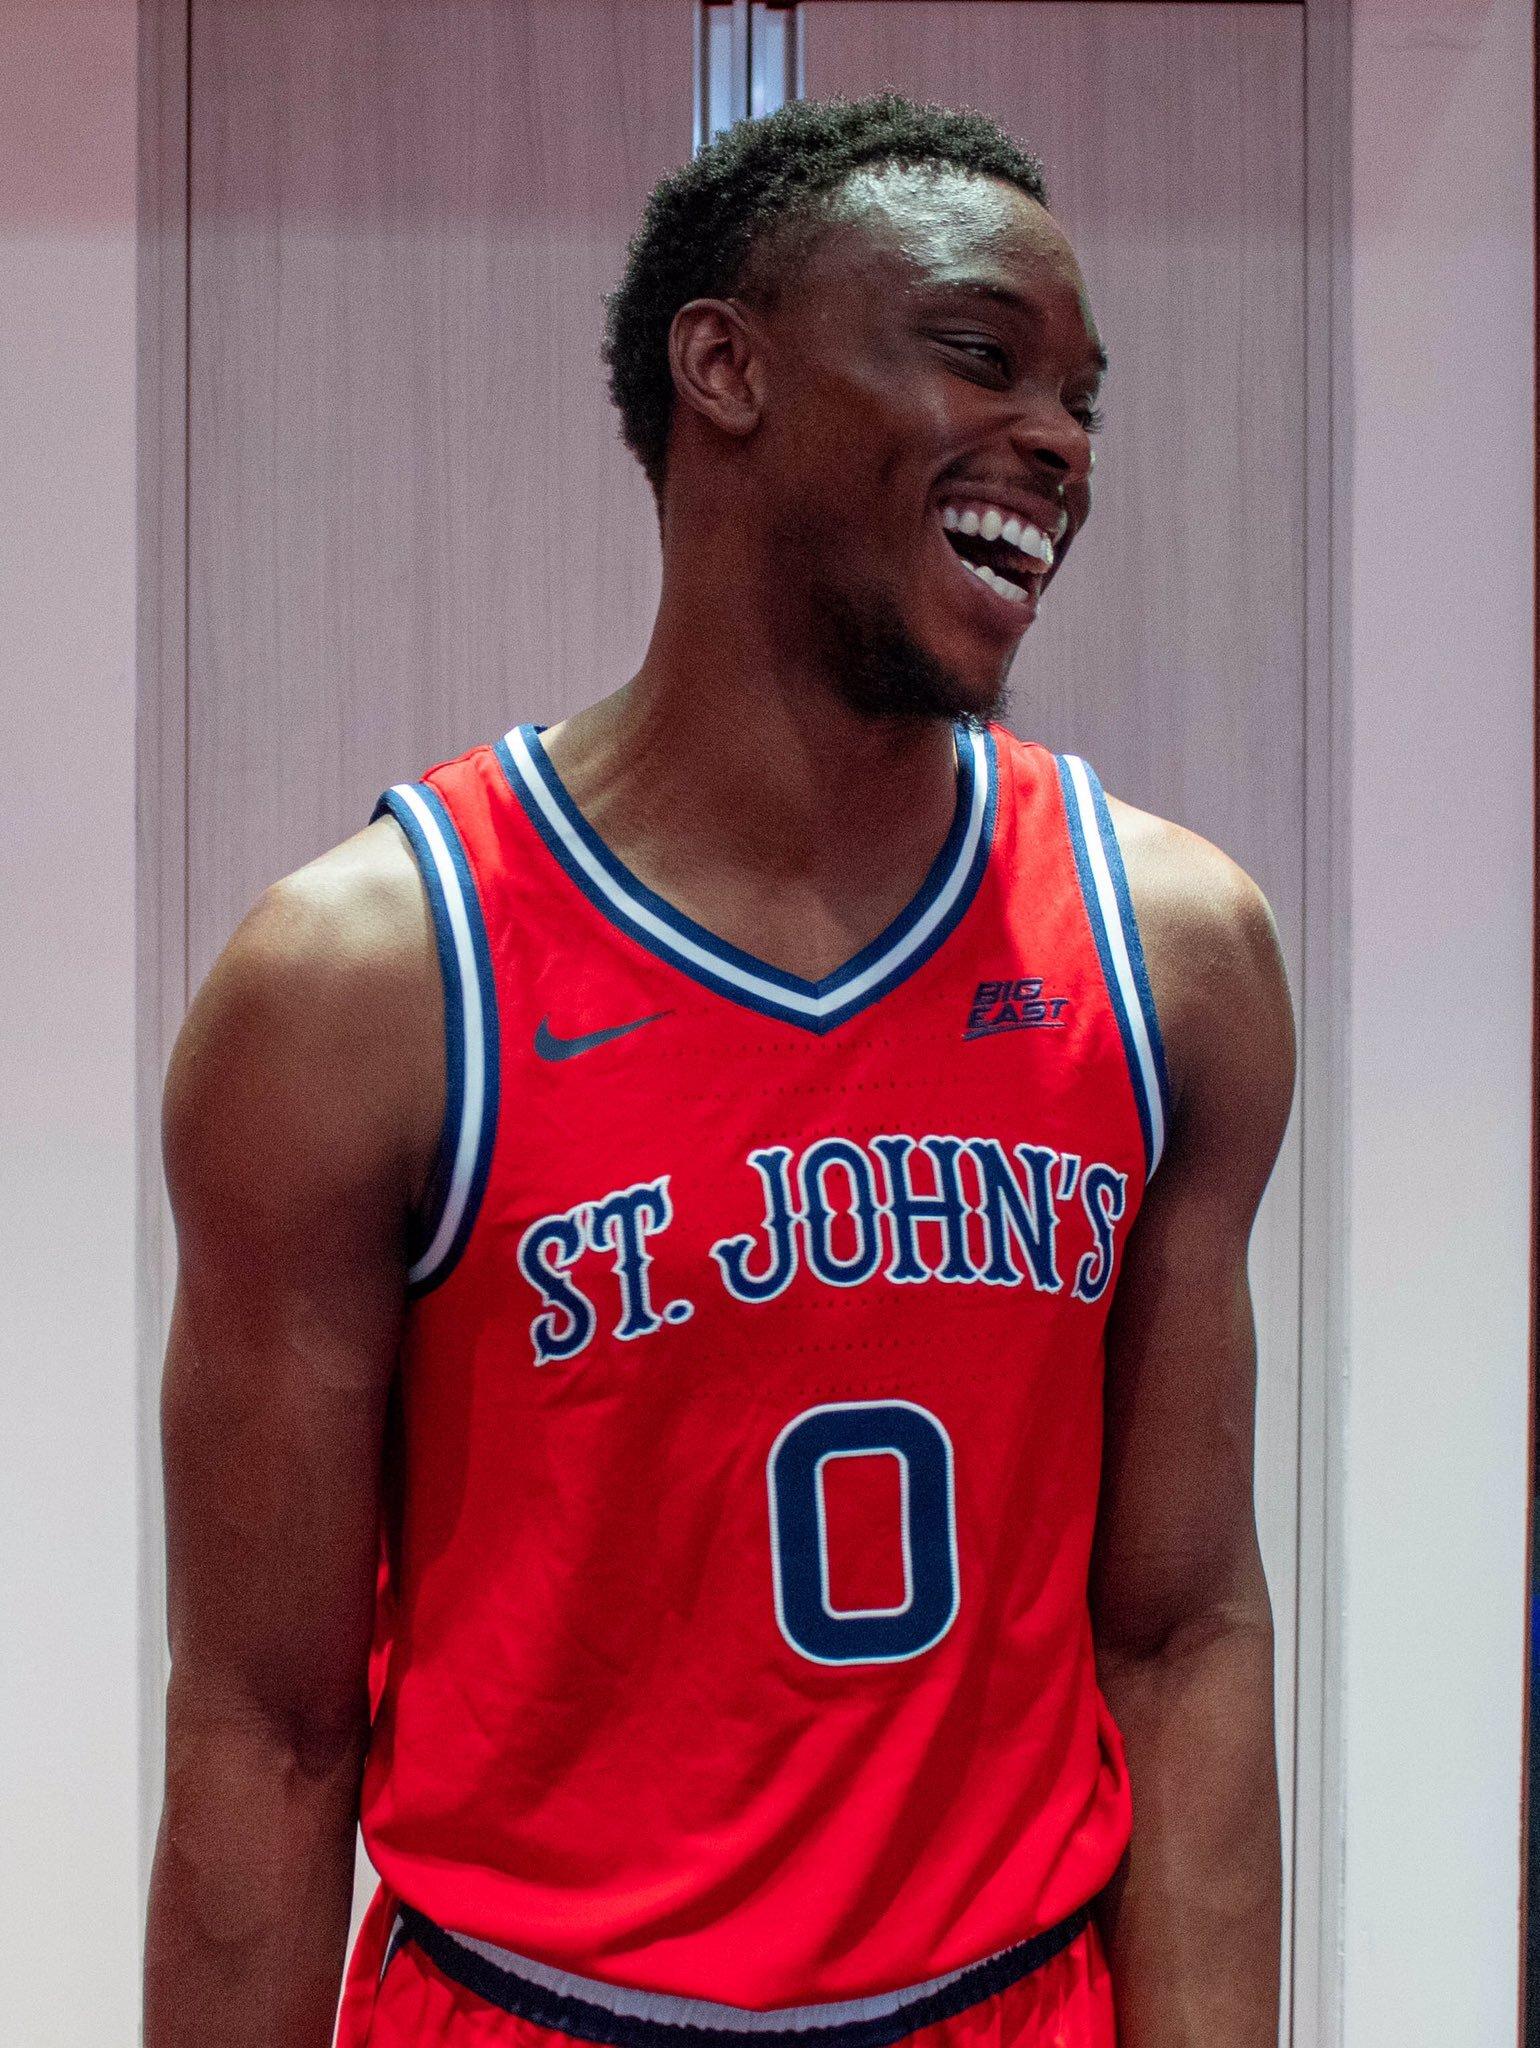 New St. John's Basketball Uniform — UNISWAG